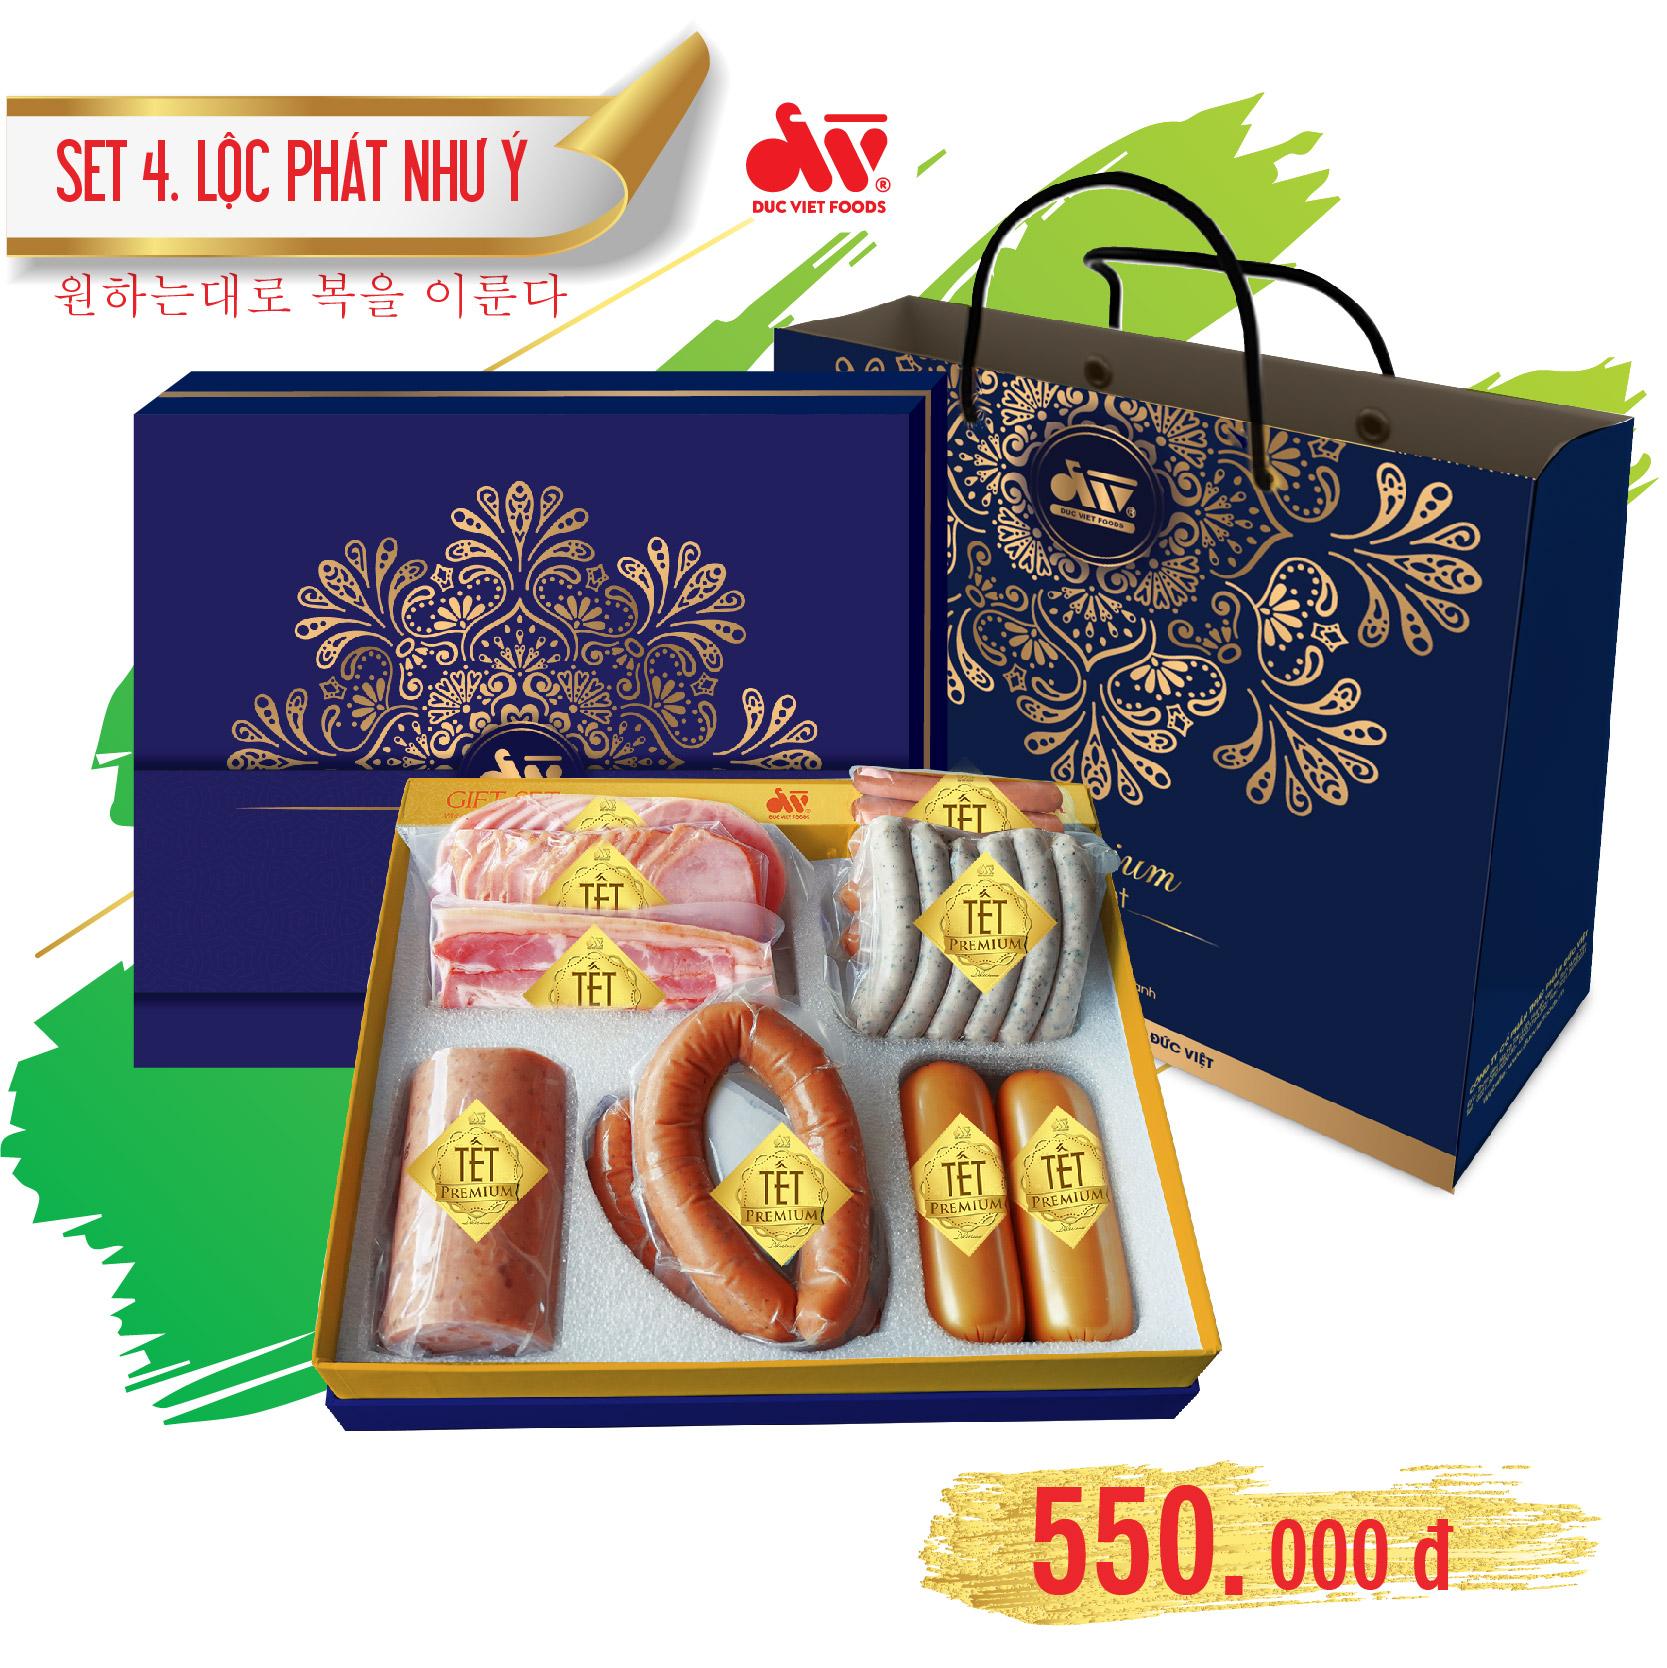 Set Quà Tết - Lộc Phát Như Ý - 550.000Đ